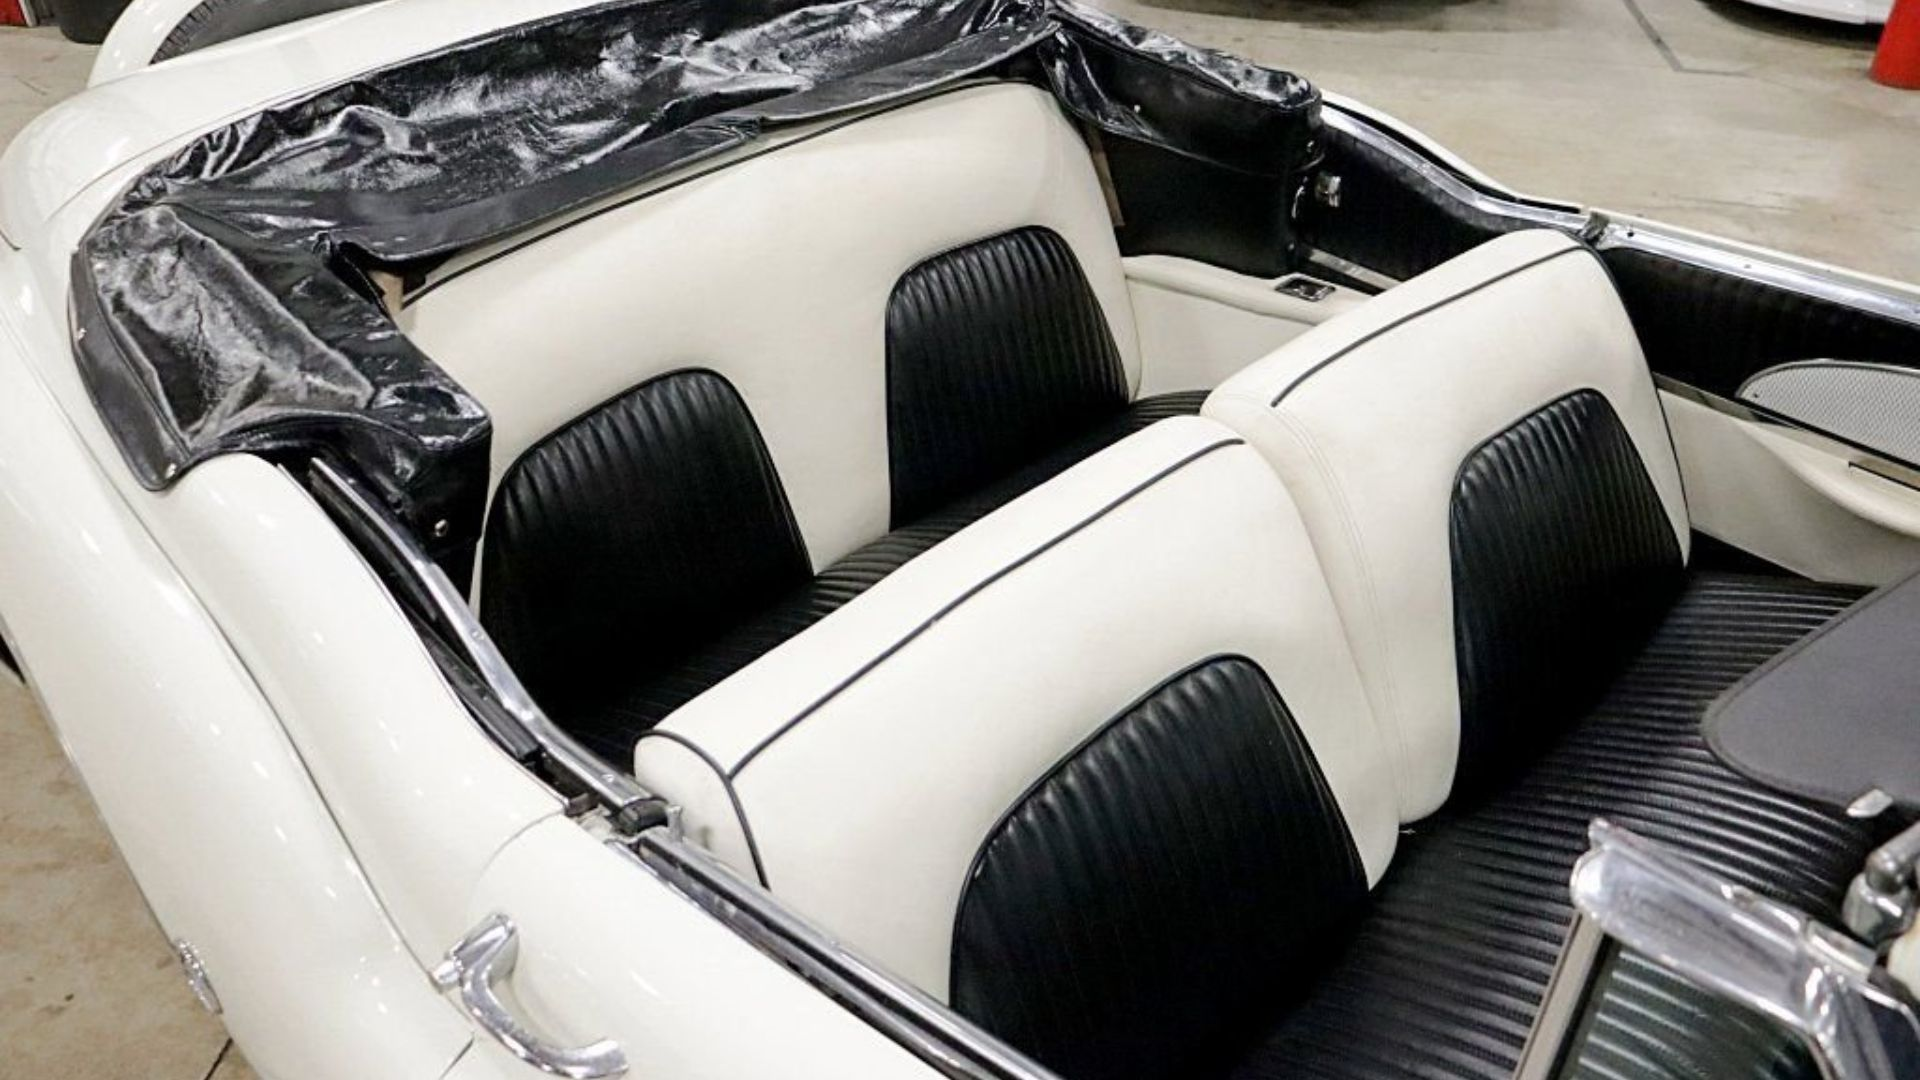 Rare 1953 Buick Skylark Has Hit The Market